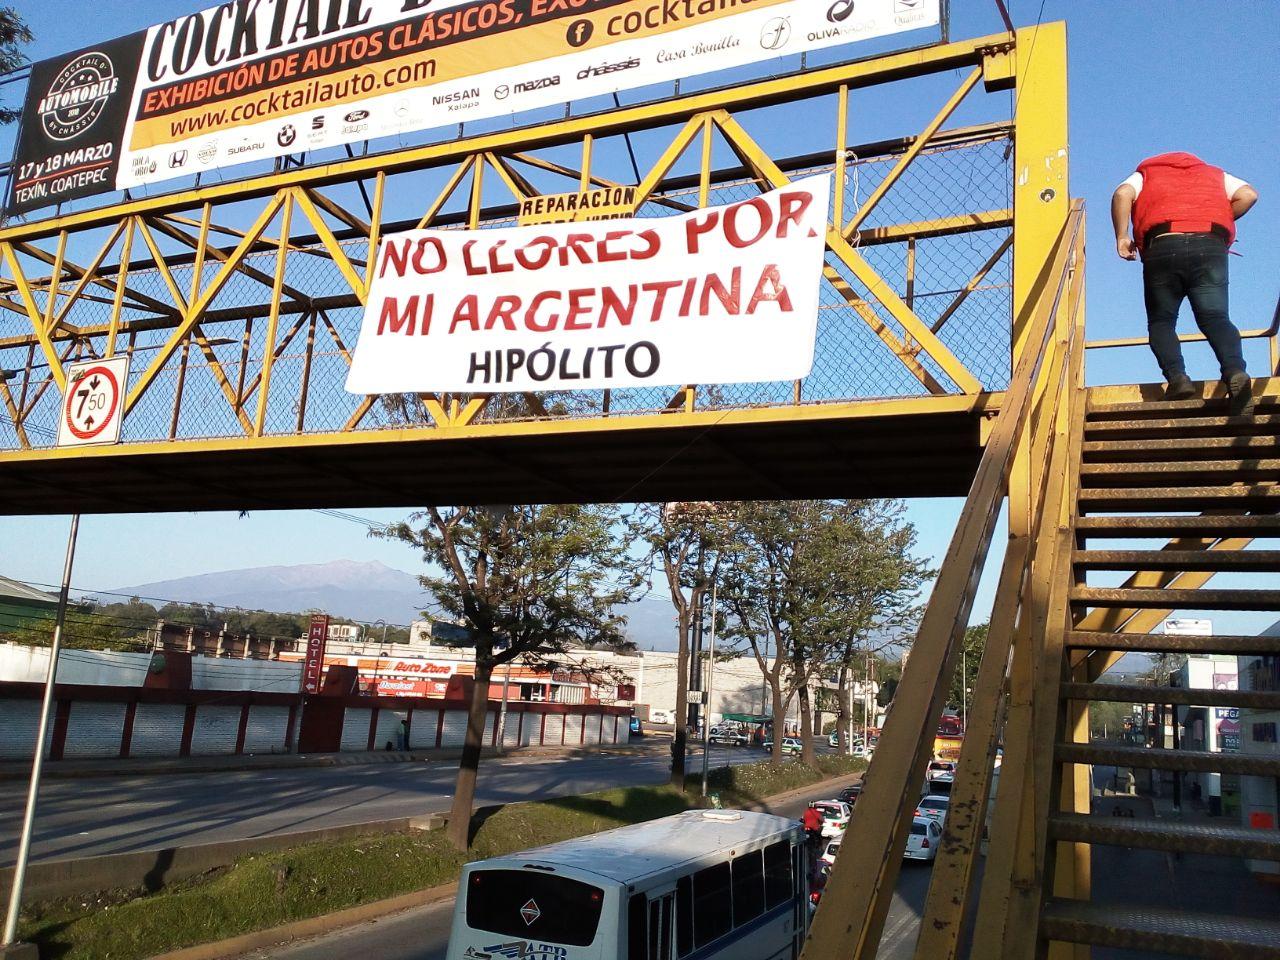 Con mantas, reciben a Hipólito Rodríguez a su regreso de Argentina